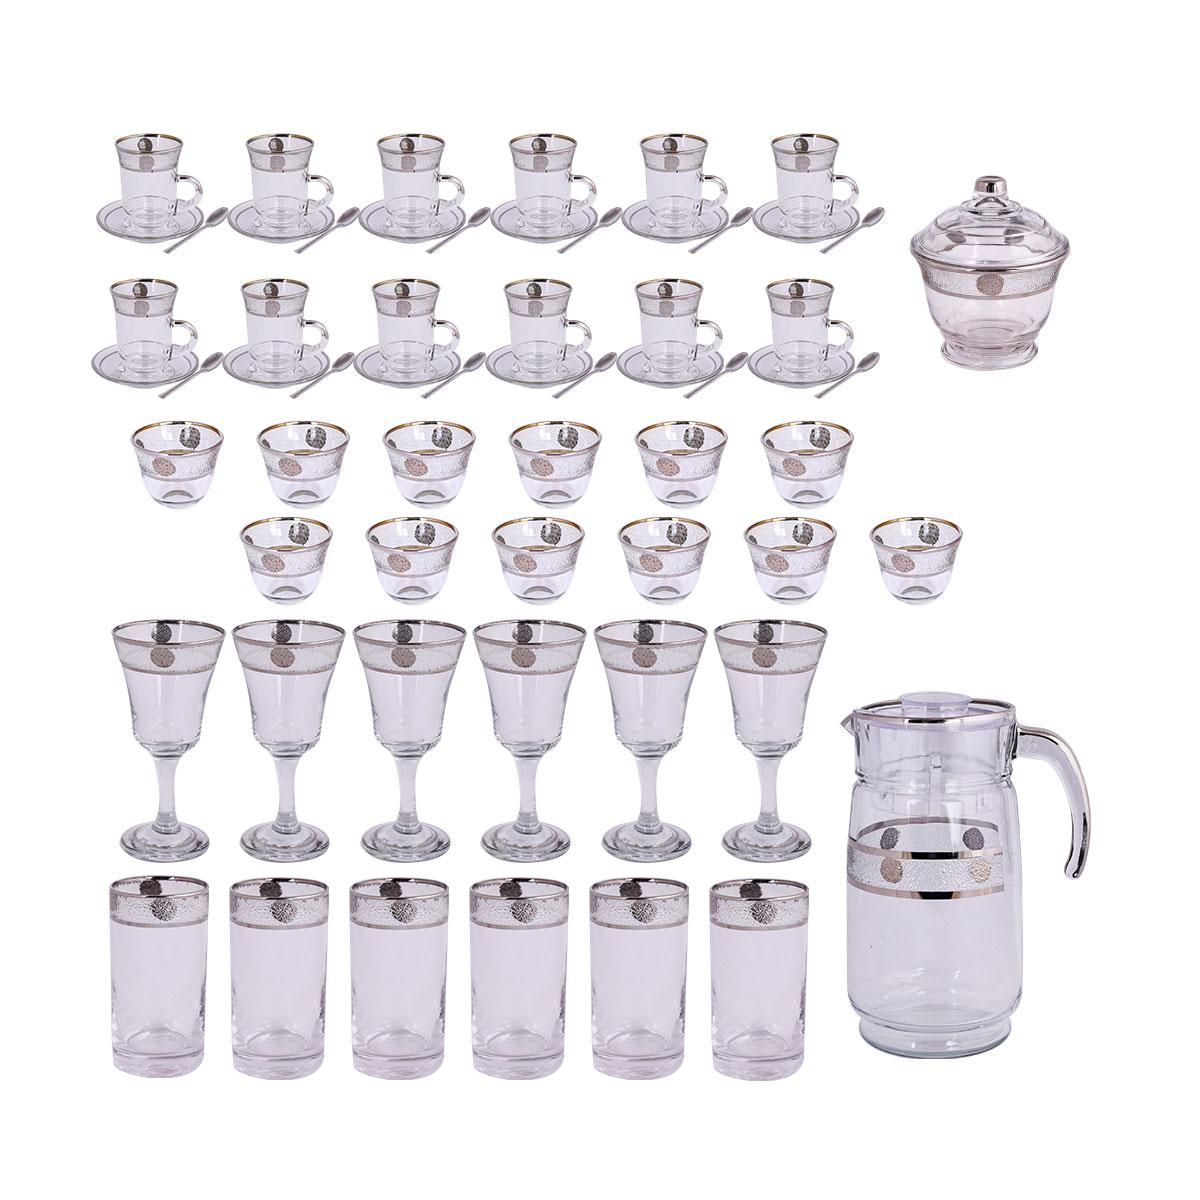 طقم فناجين وبيالات وكاسات وجيك زجاج -  50 قطعة مع الصحون وسكرية رقم 1026